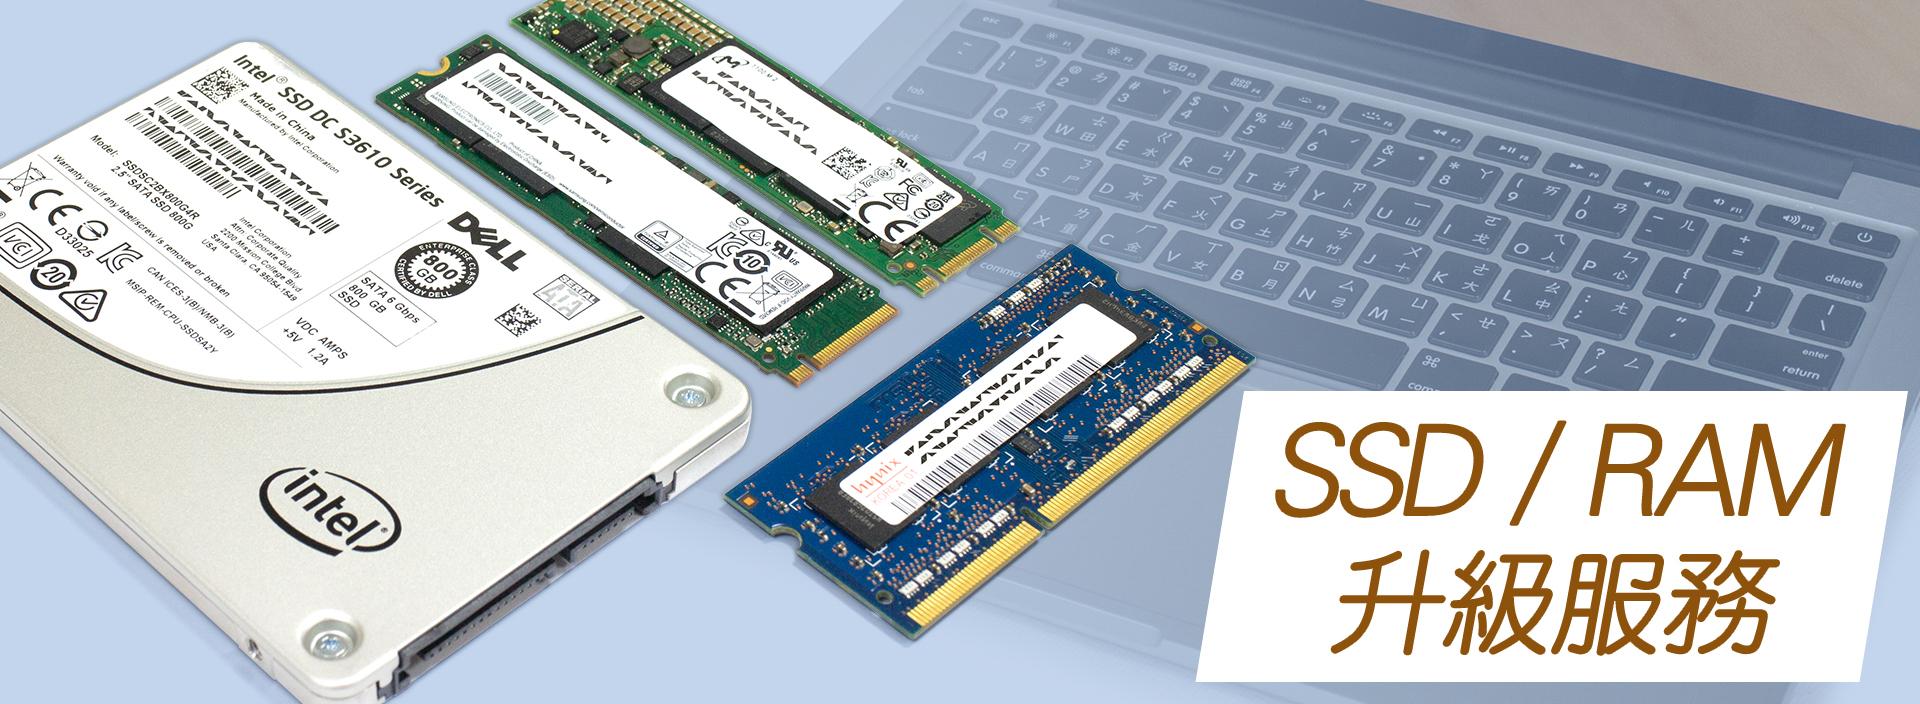 二手Mac 客製化升級SSD/ RAM